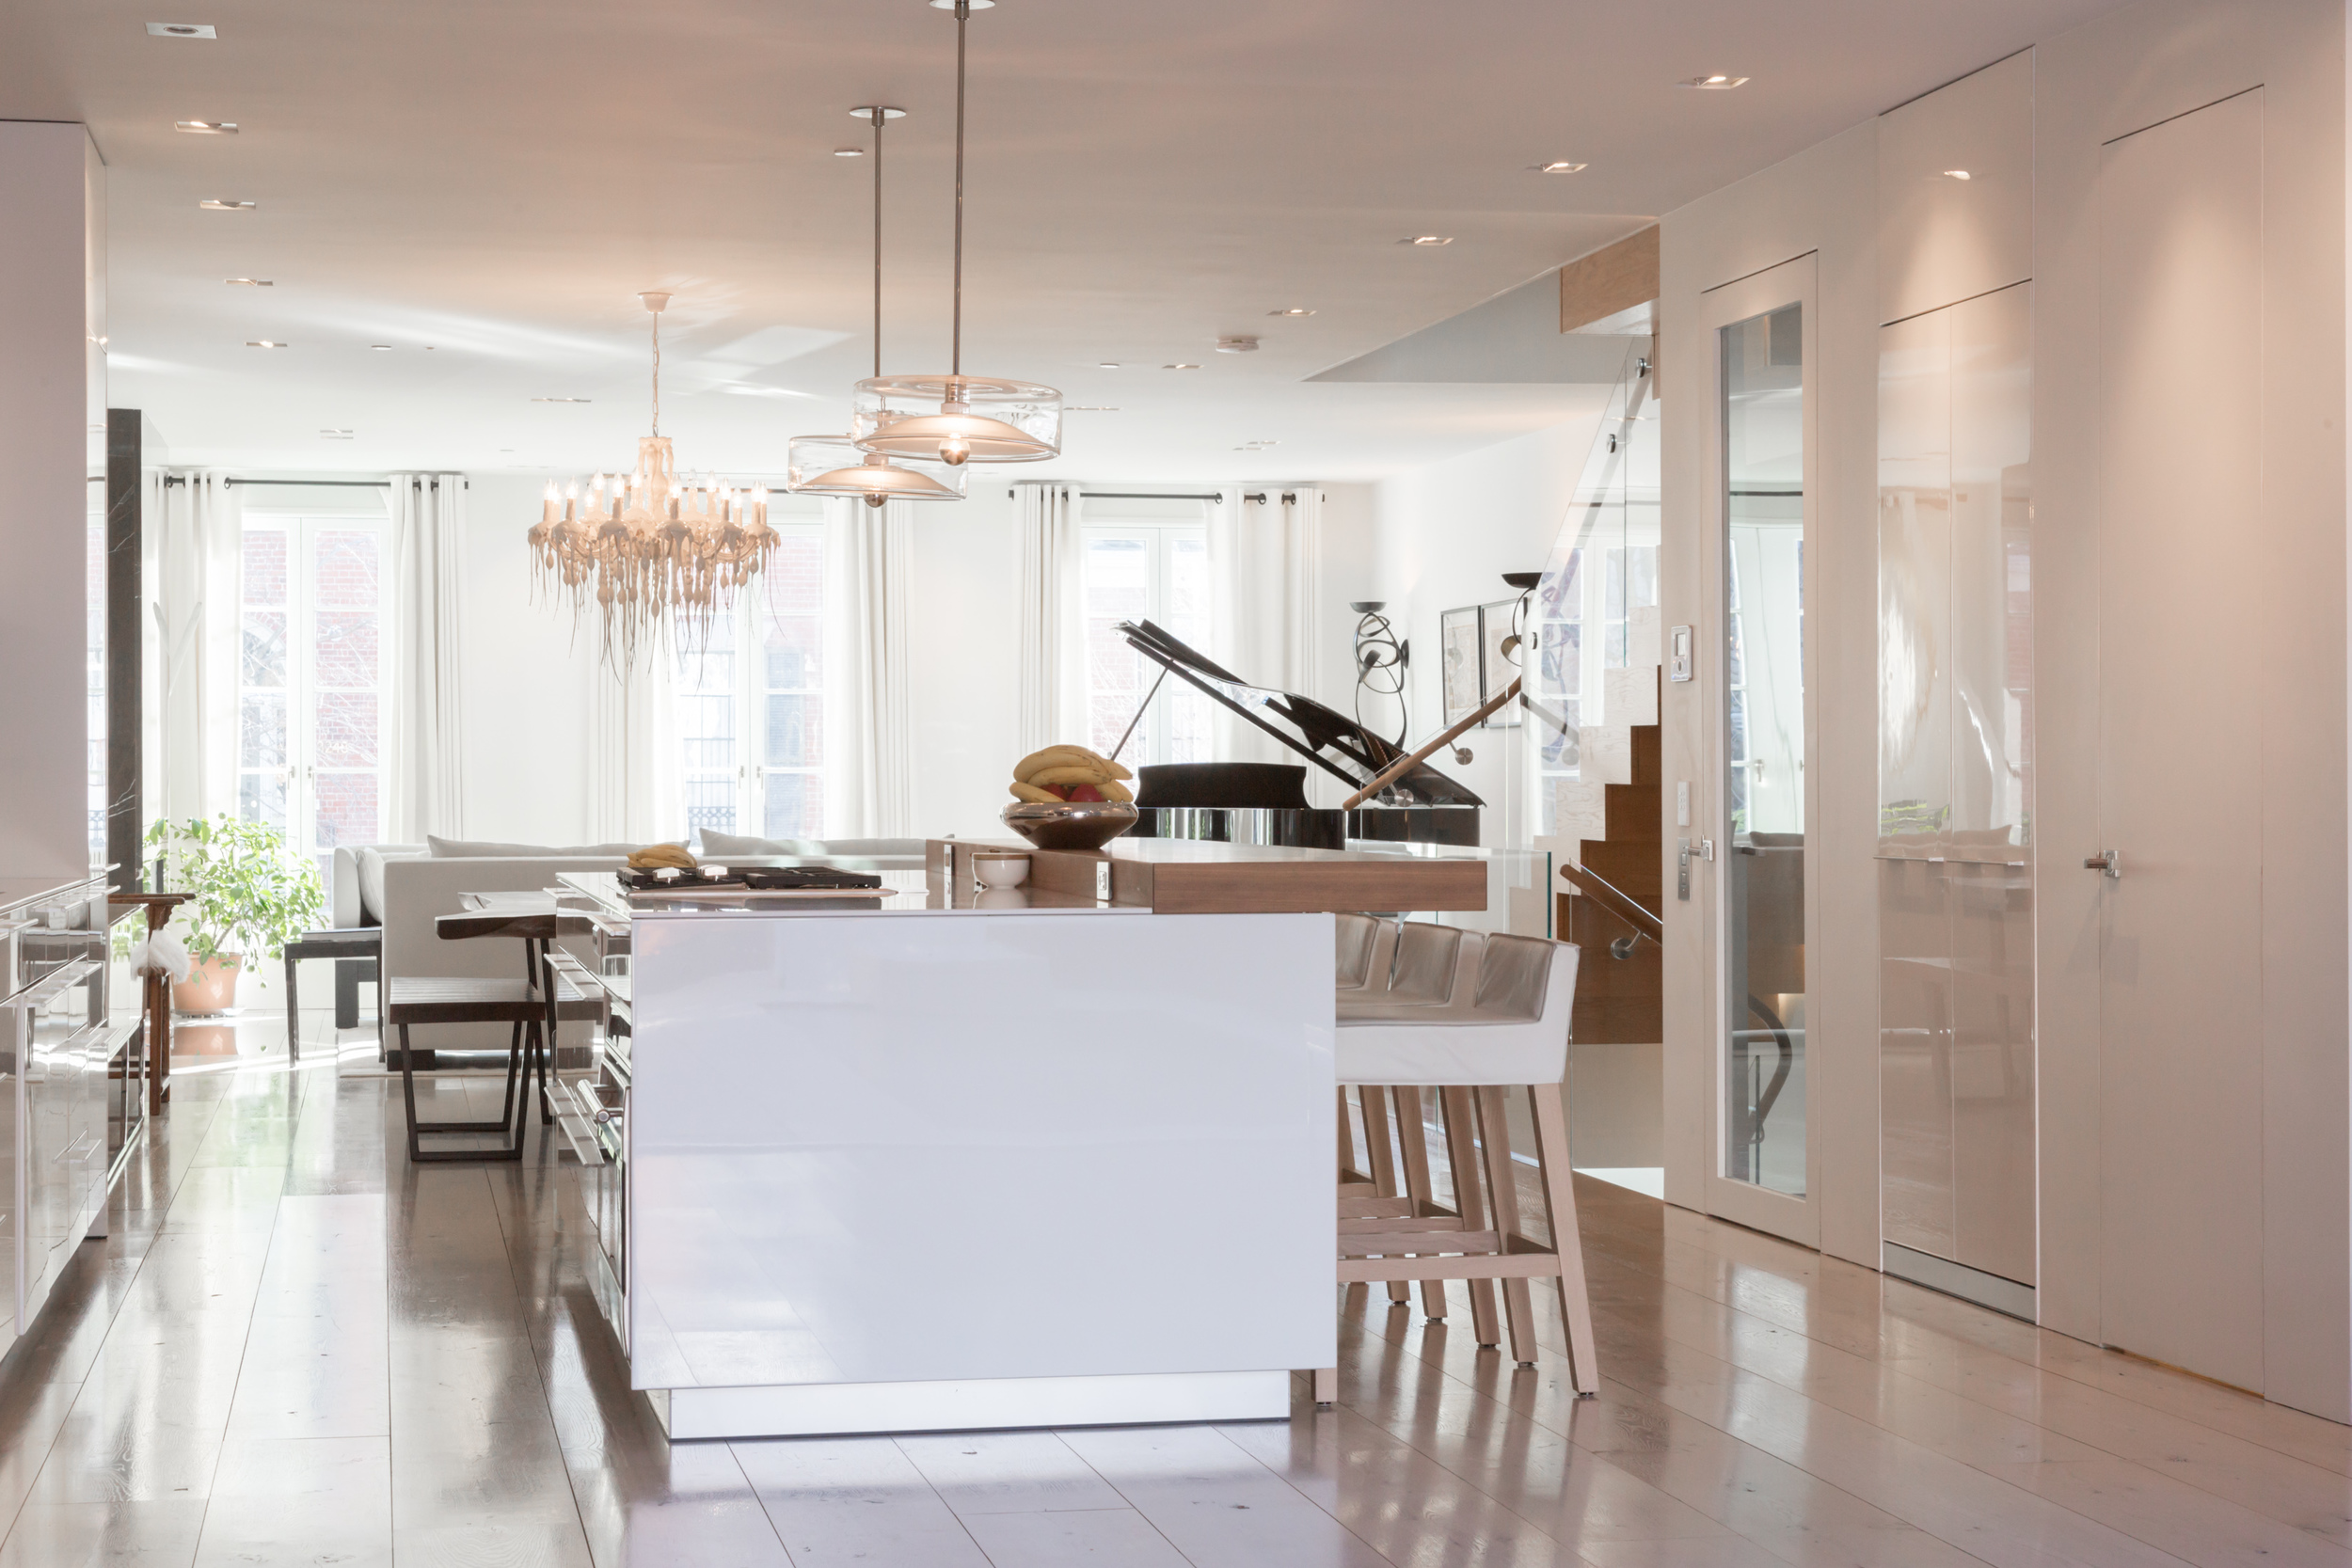 24 Kitchen 8.jpg